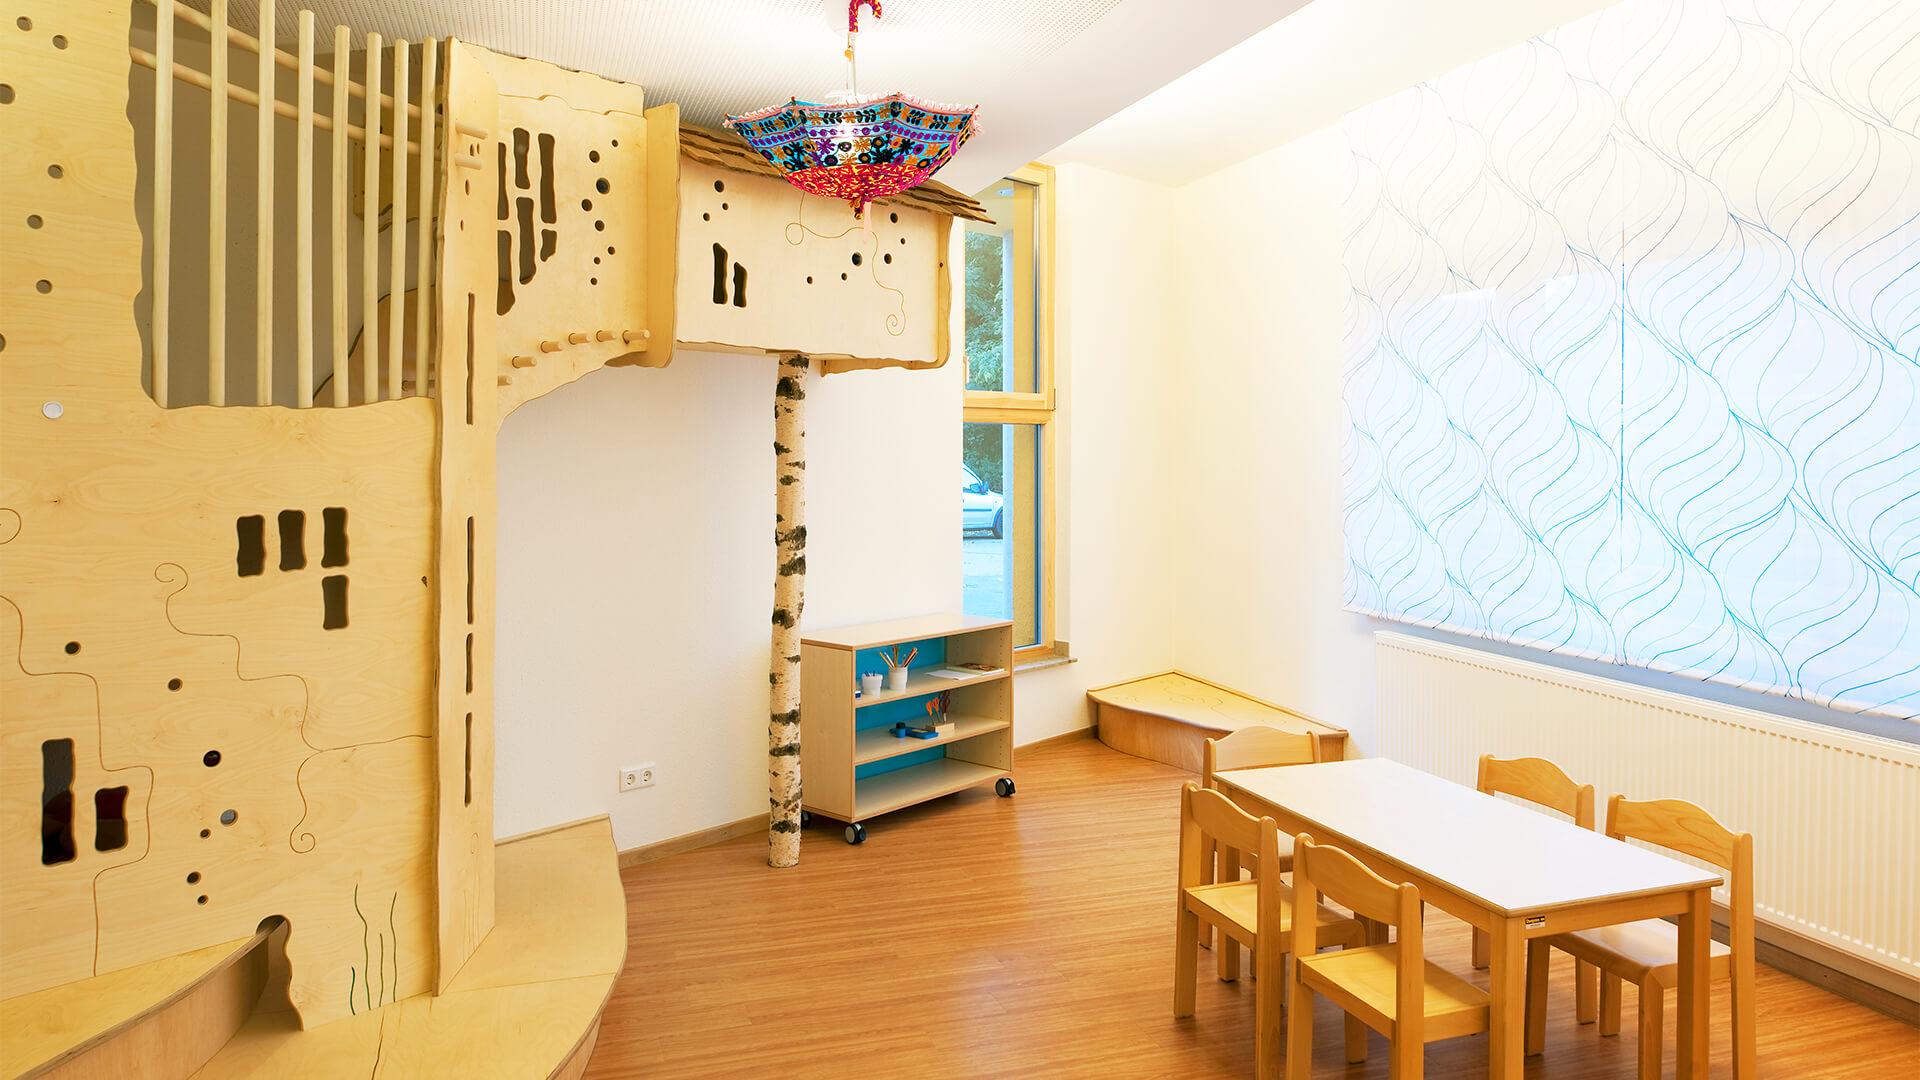 Kreativer Bereich mit Holzelemente, Birkenstämmen und bunten Regenschirmen an der Decke